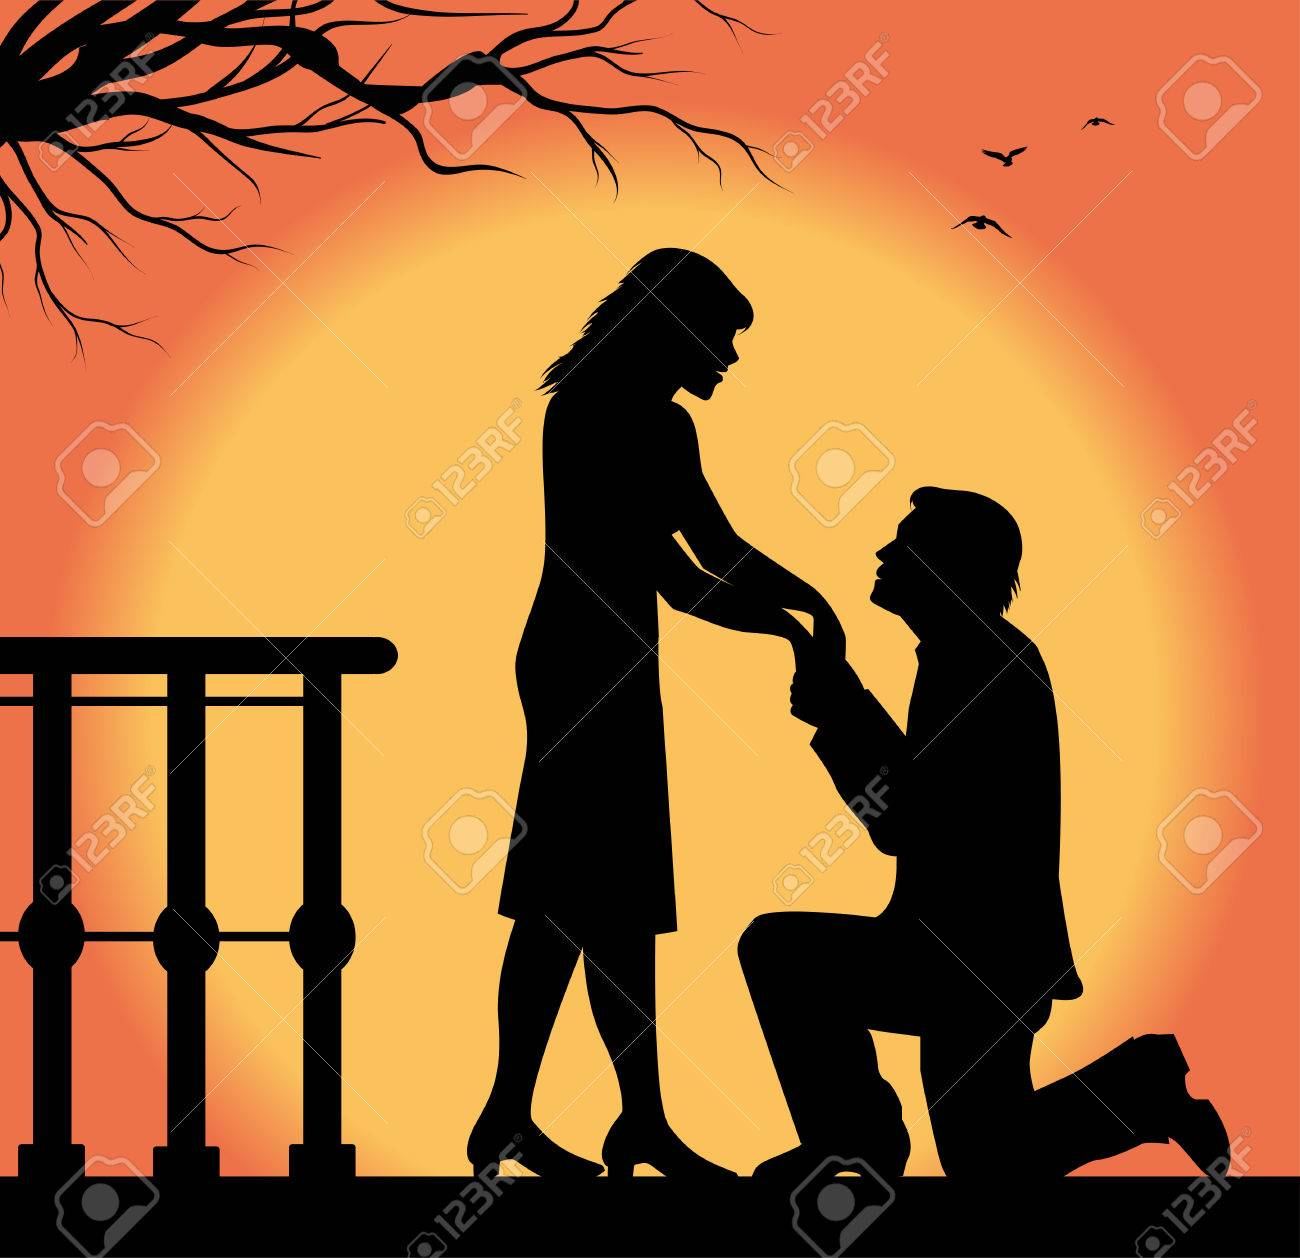 Liebeserklärung an mann